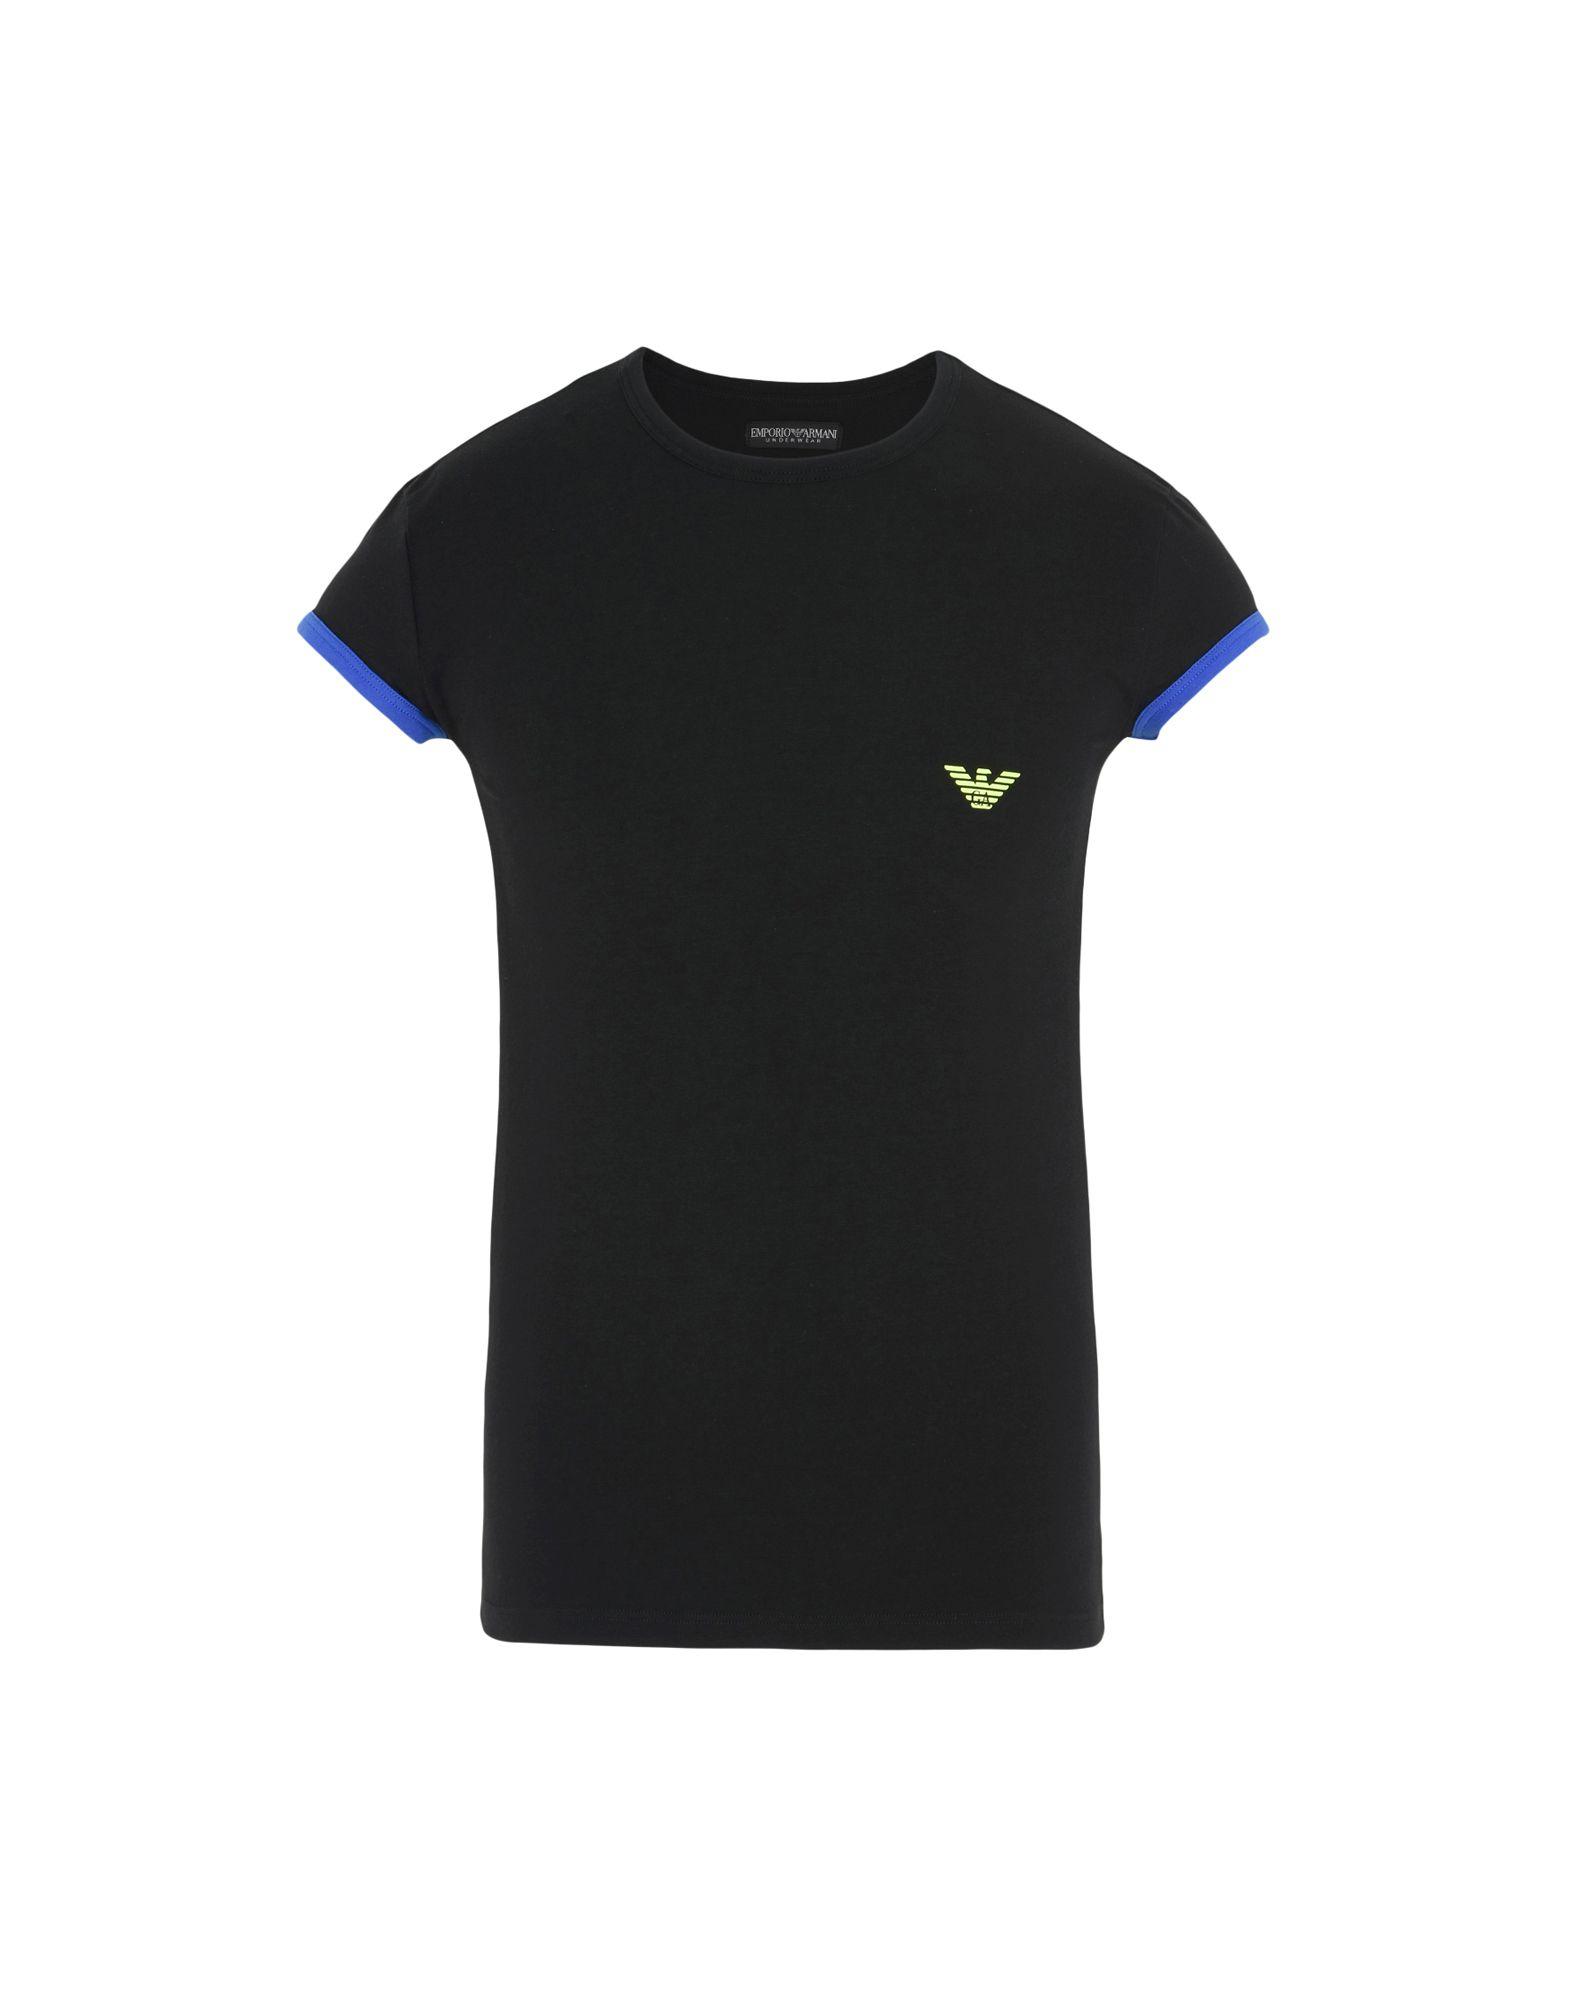 《送料無料》EMPORIO ARMANI メンズ アンダーTシャツ ブラック S コットン 90% / ポリウレタン 10% MEN'S KNIT T-SHIRT